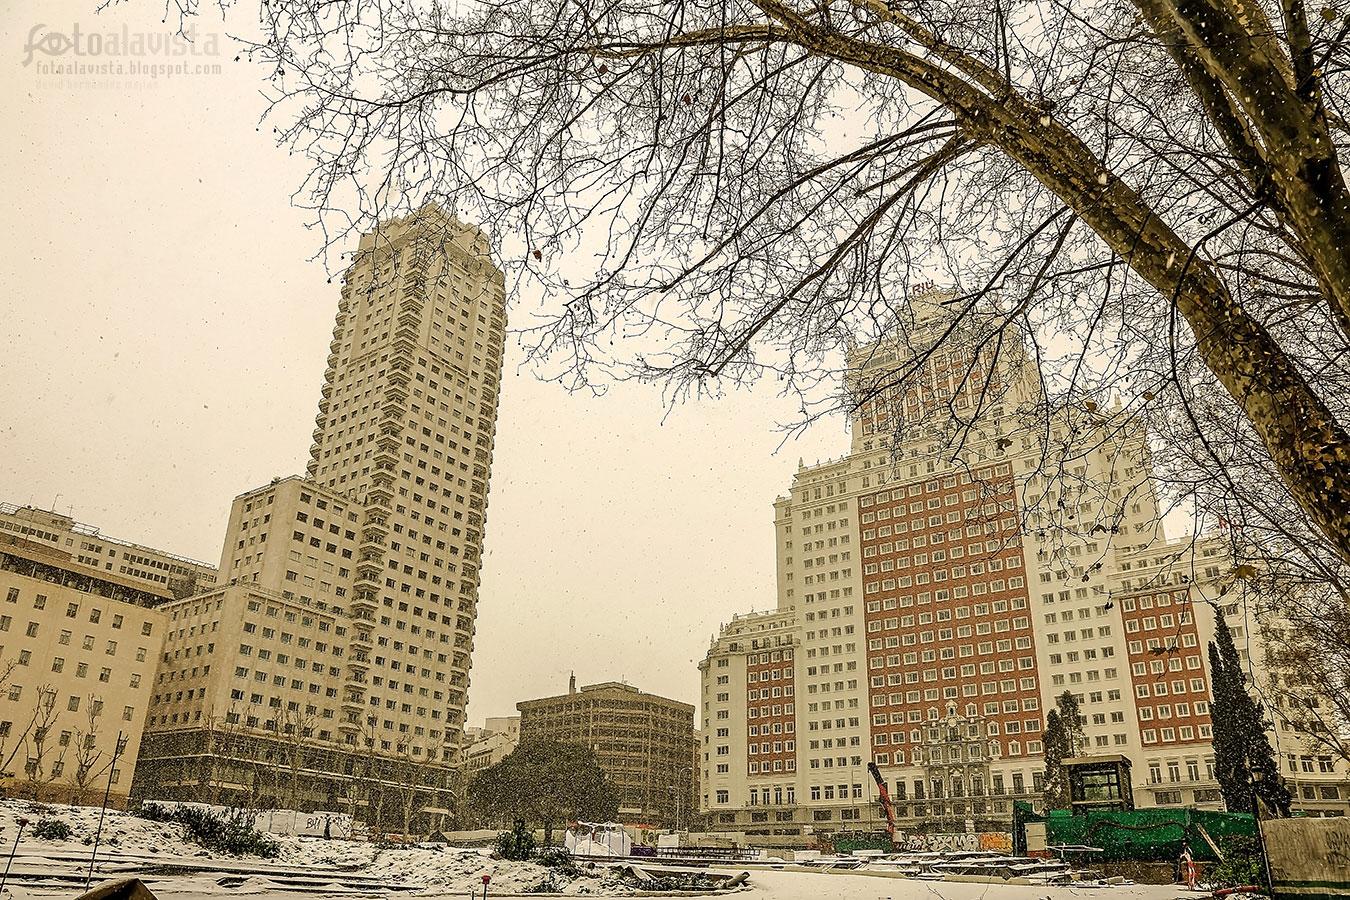 Una Plaza de España en obras y nevada - Fotografía